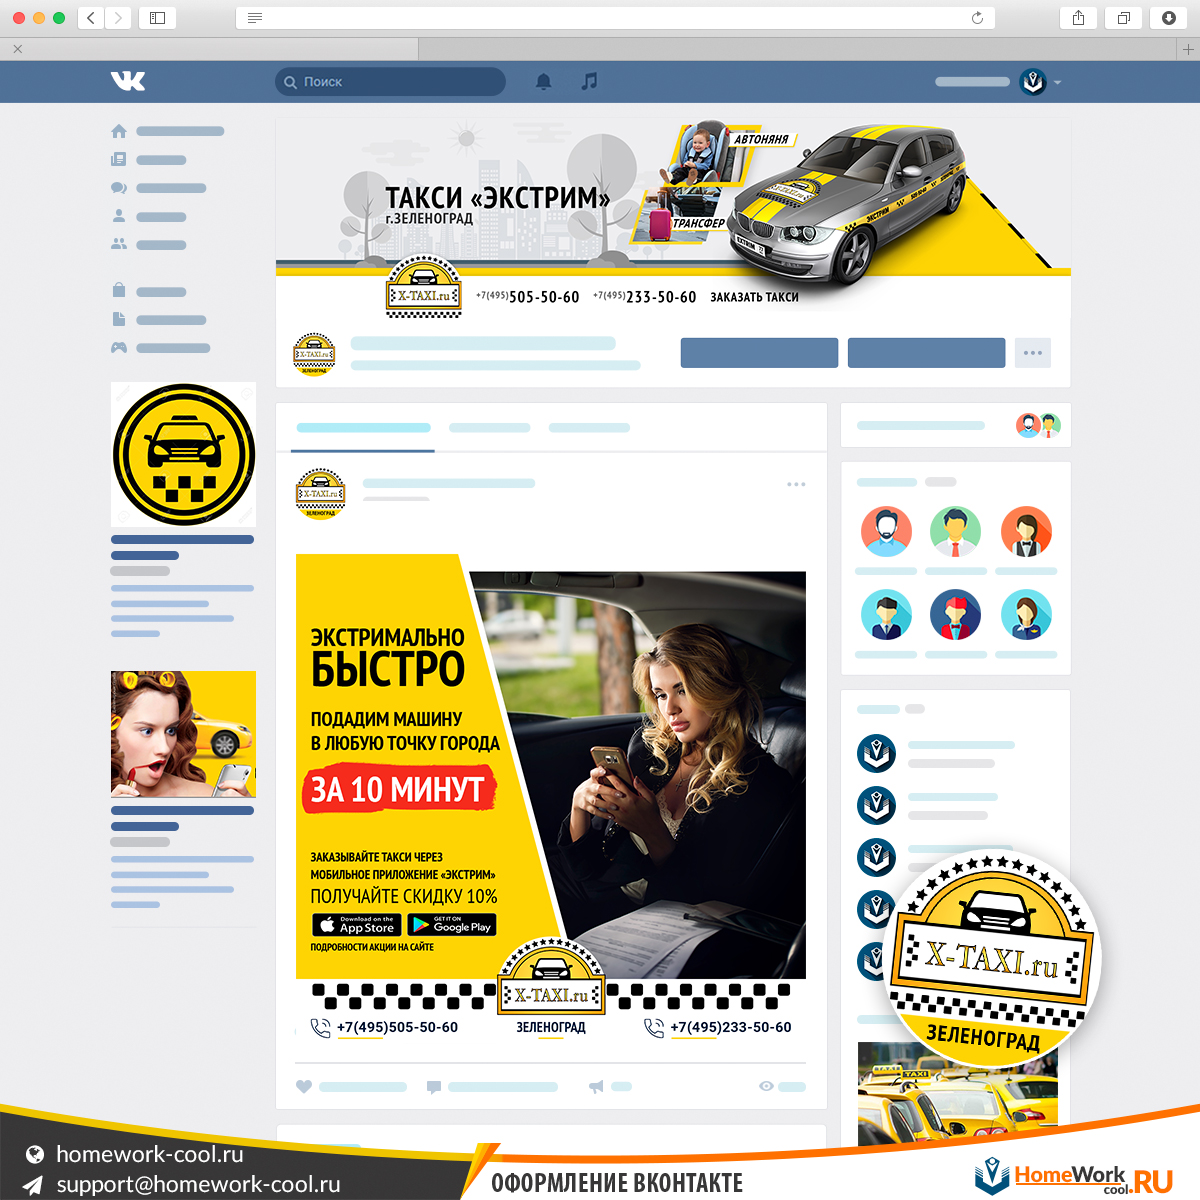 Оформление группы ВК — Такси «Экстрим» г.Зеленоград